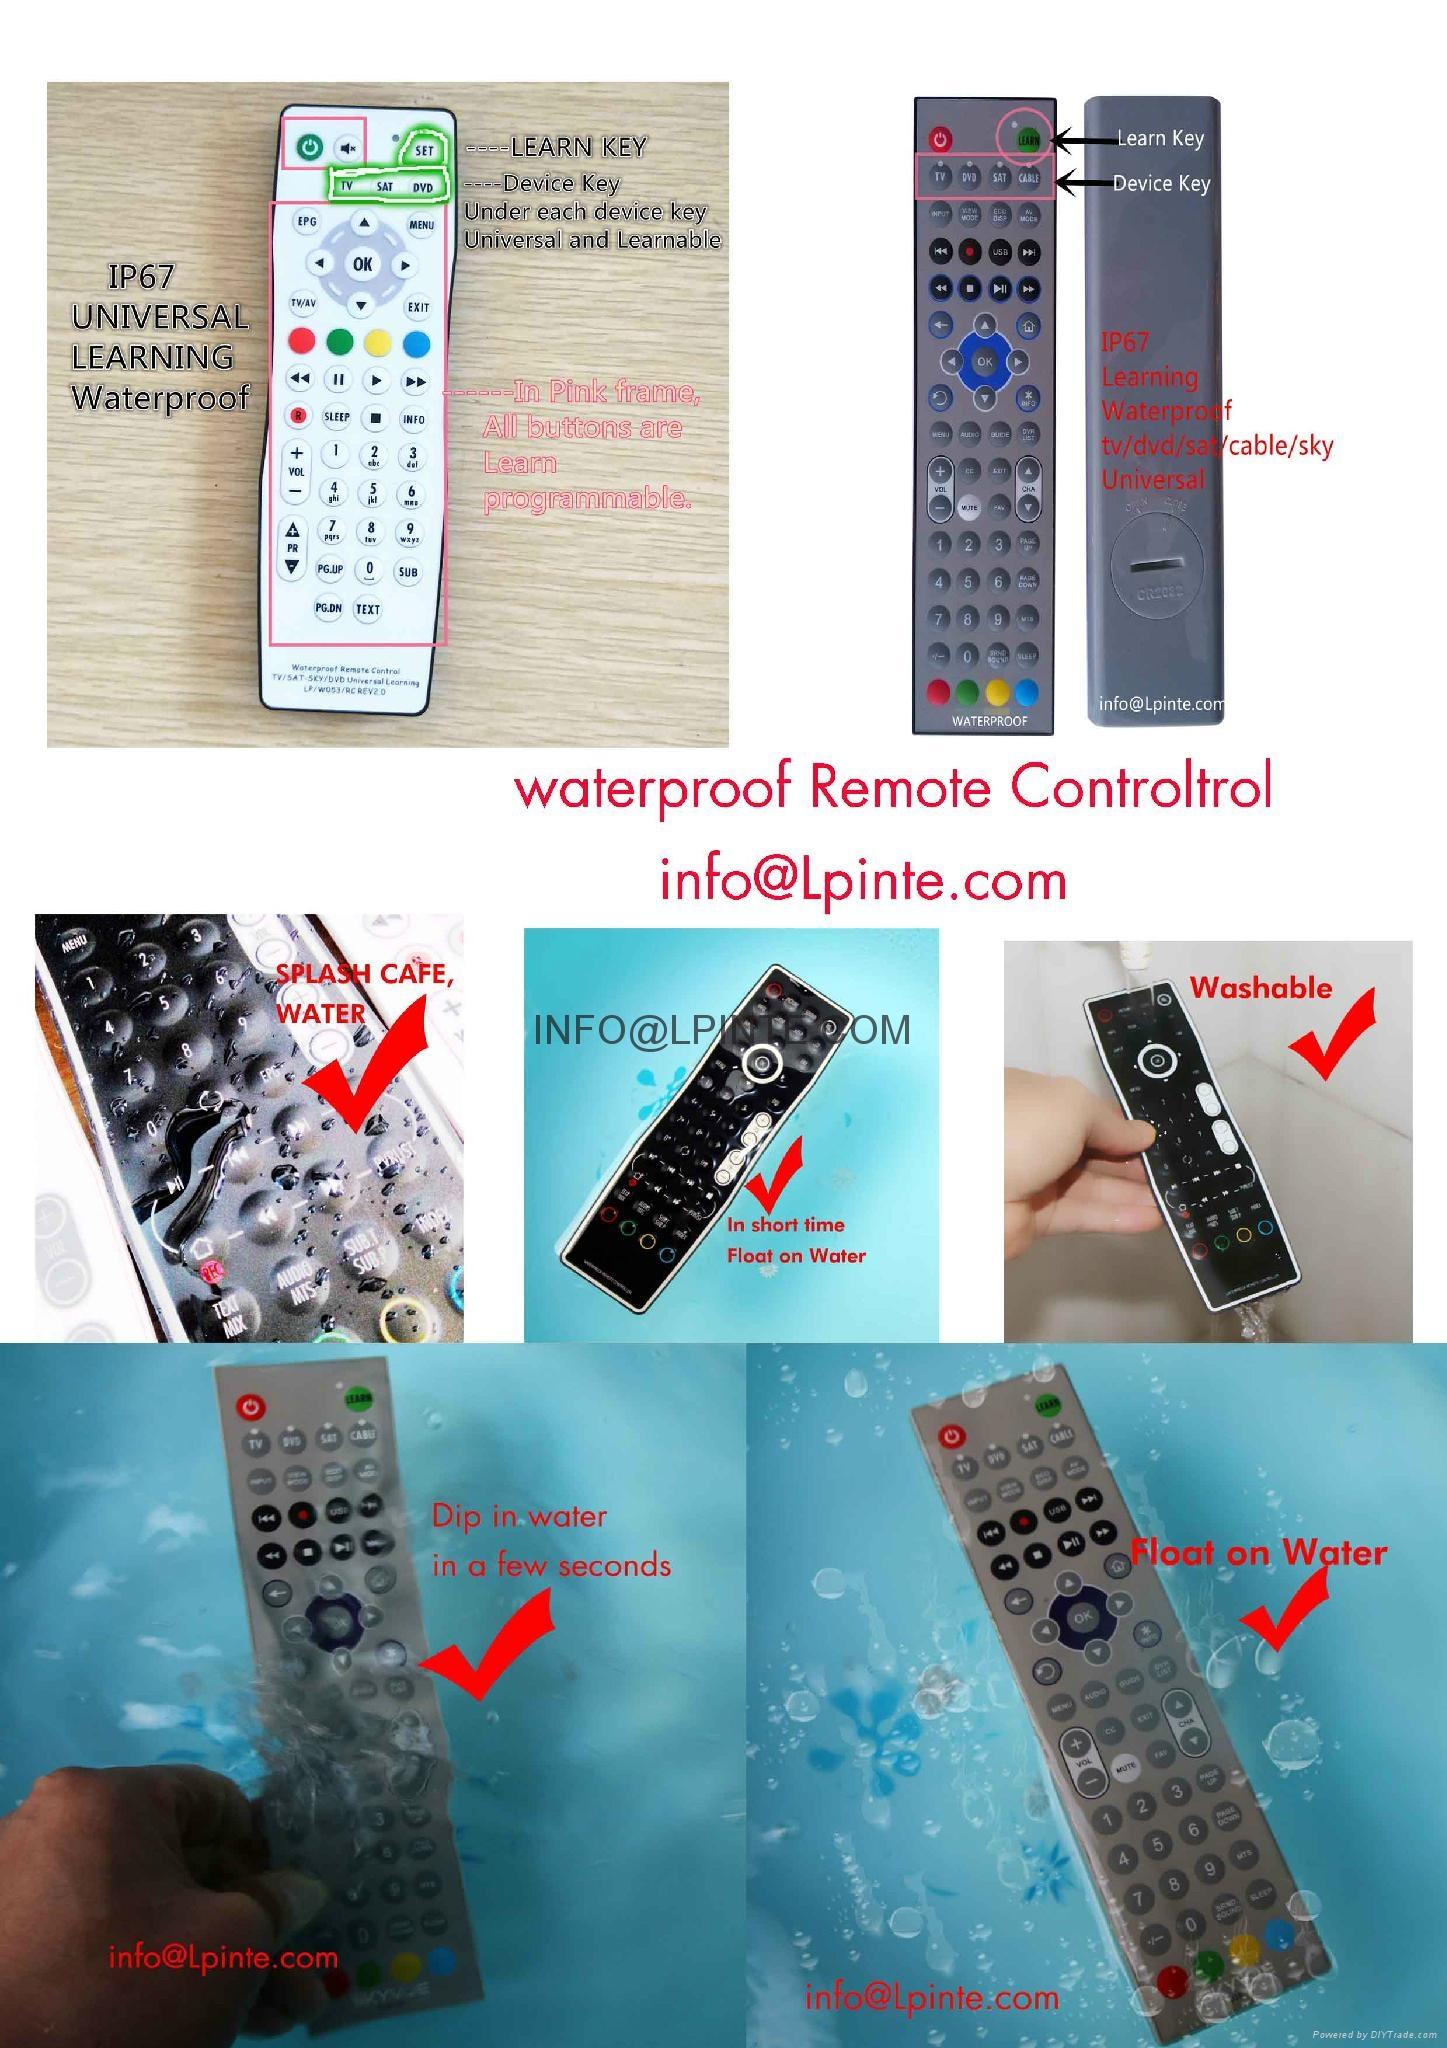 防水遥控器多功能机顶盒电视 4